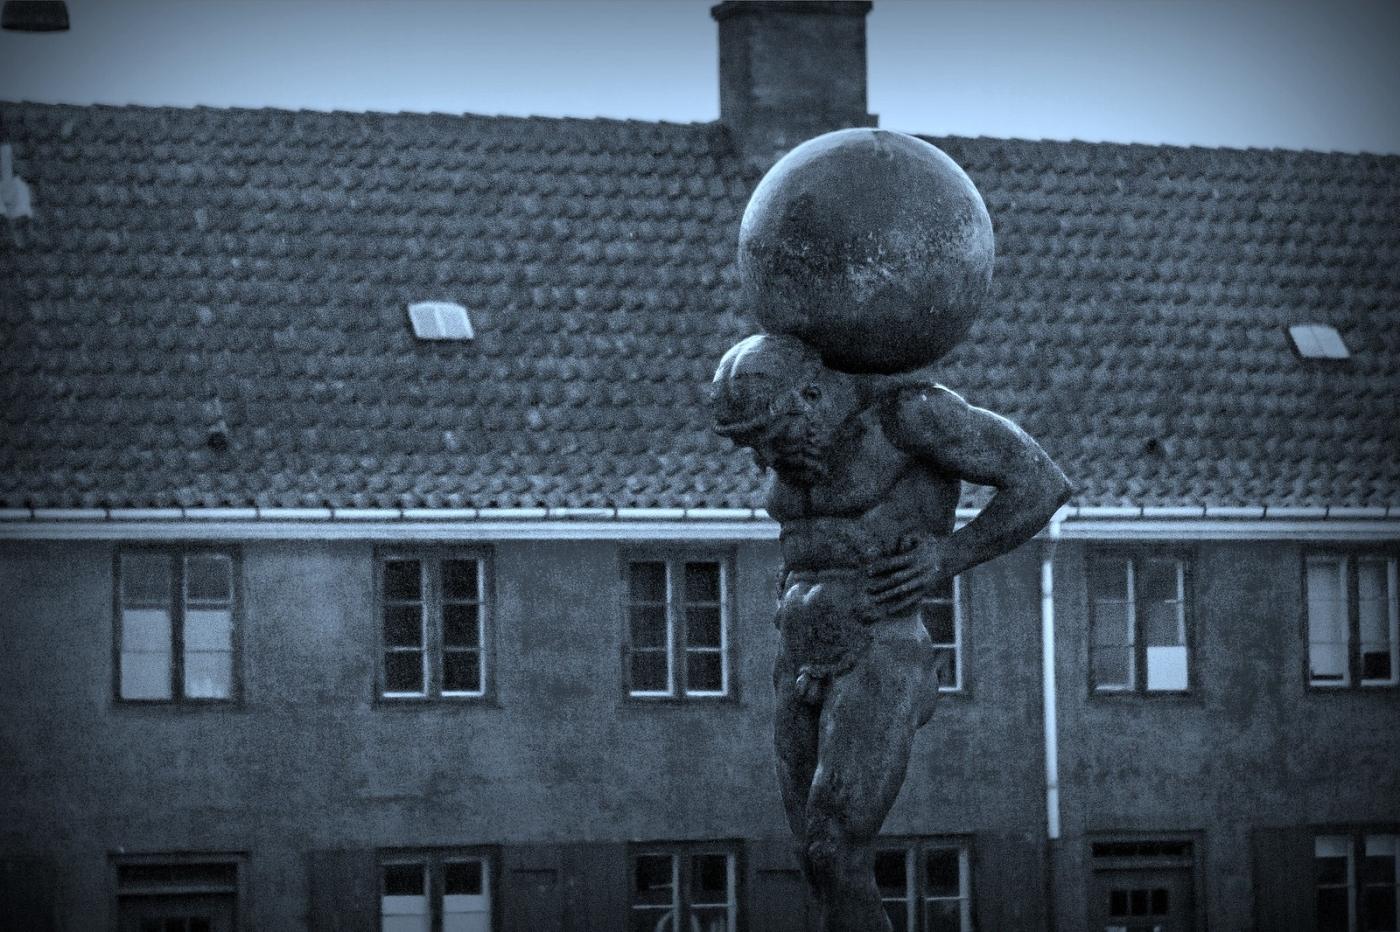 丹麦美人鱼雕像,雕塑家妻子为蓝本_图1-11